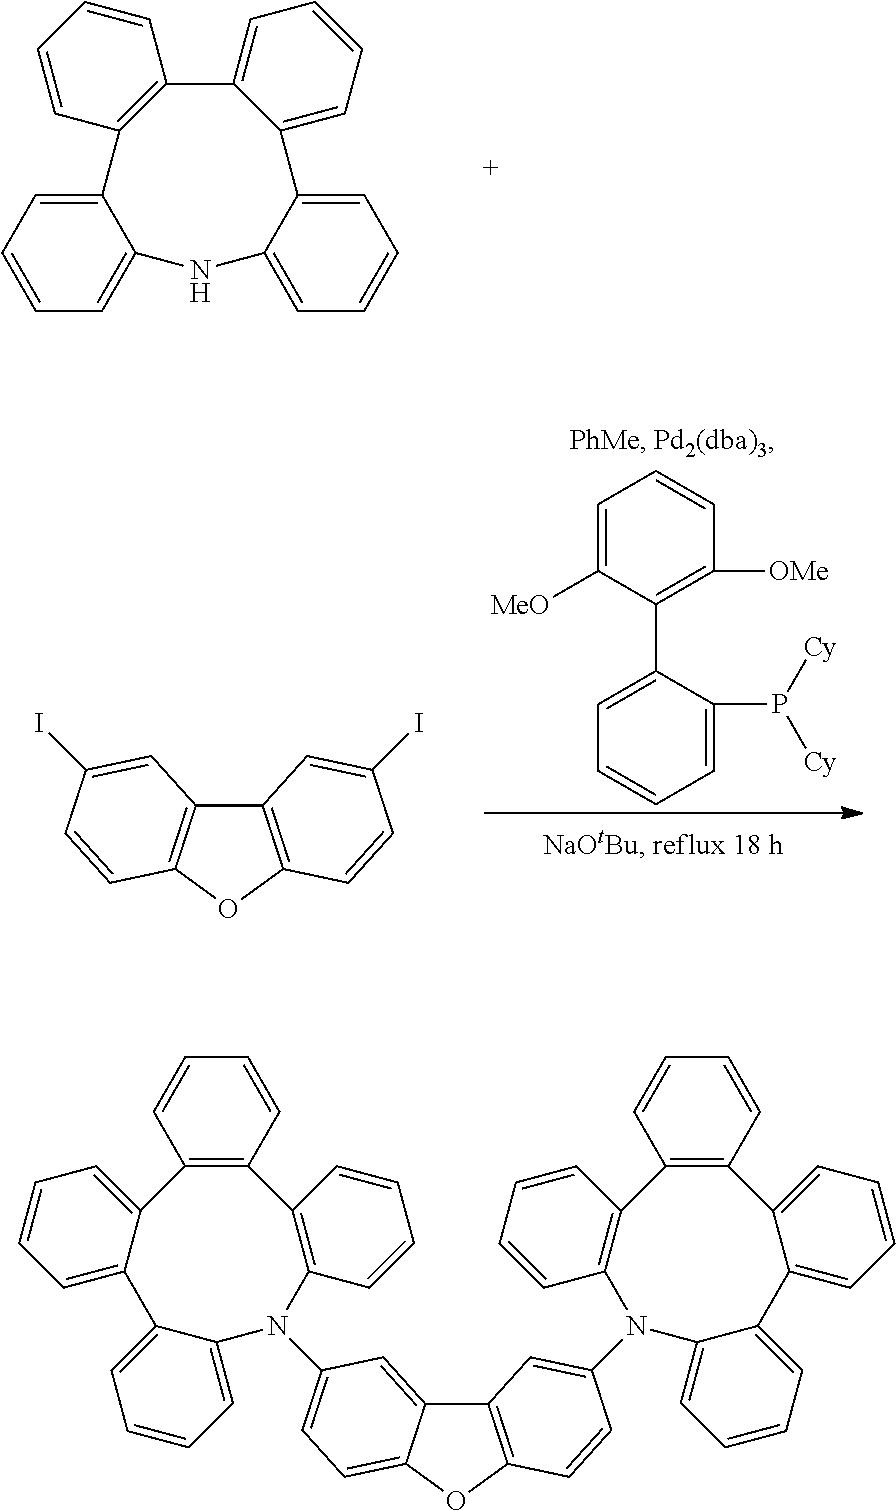 Figure US09978956-20180522-C00124